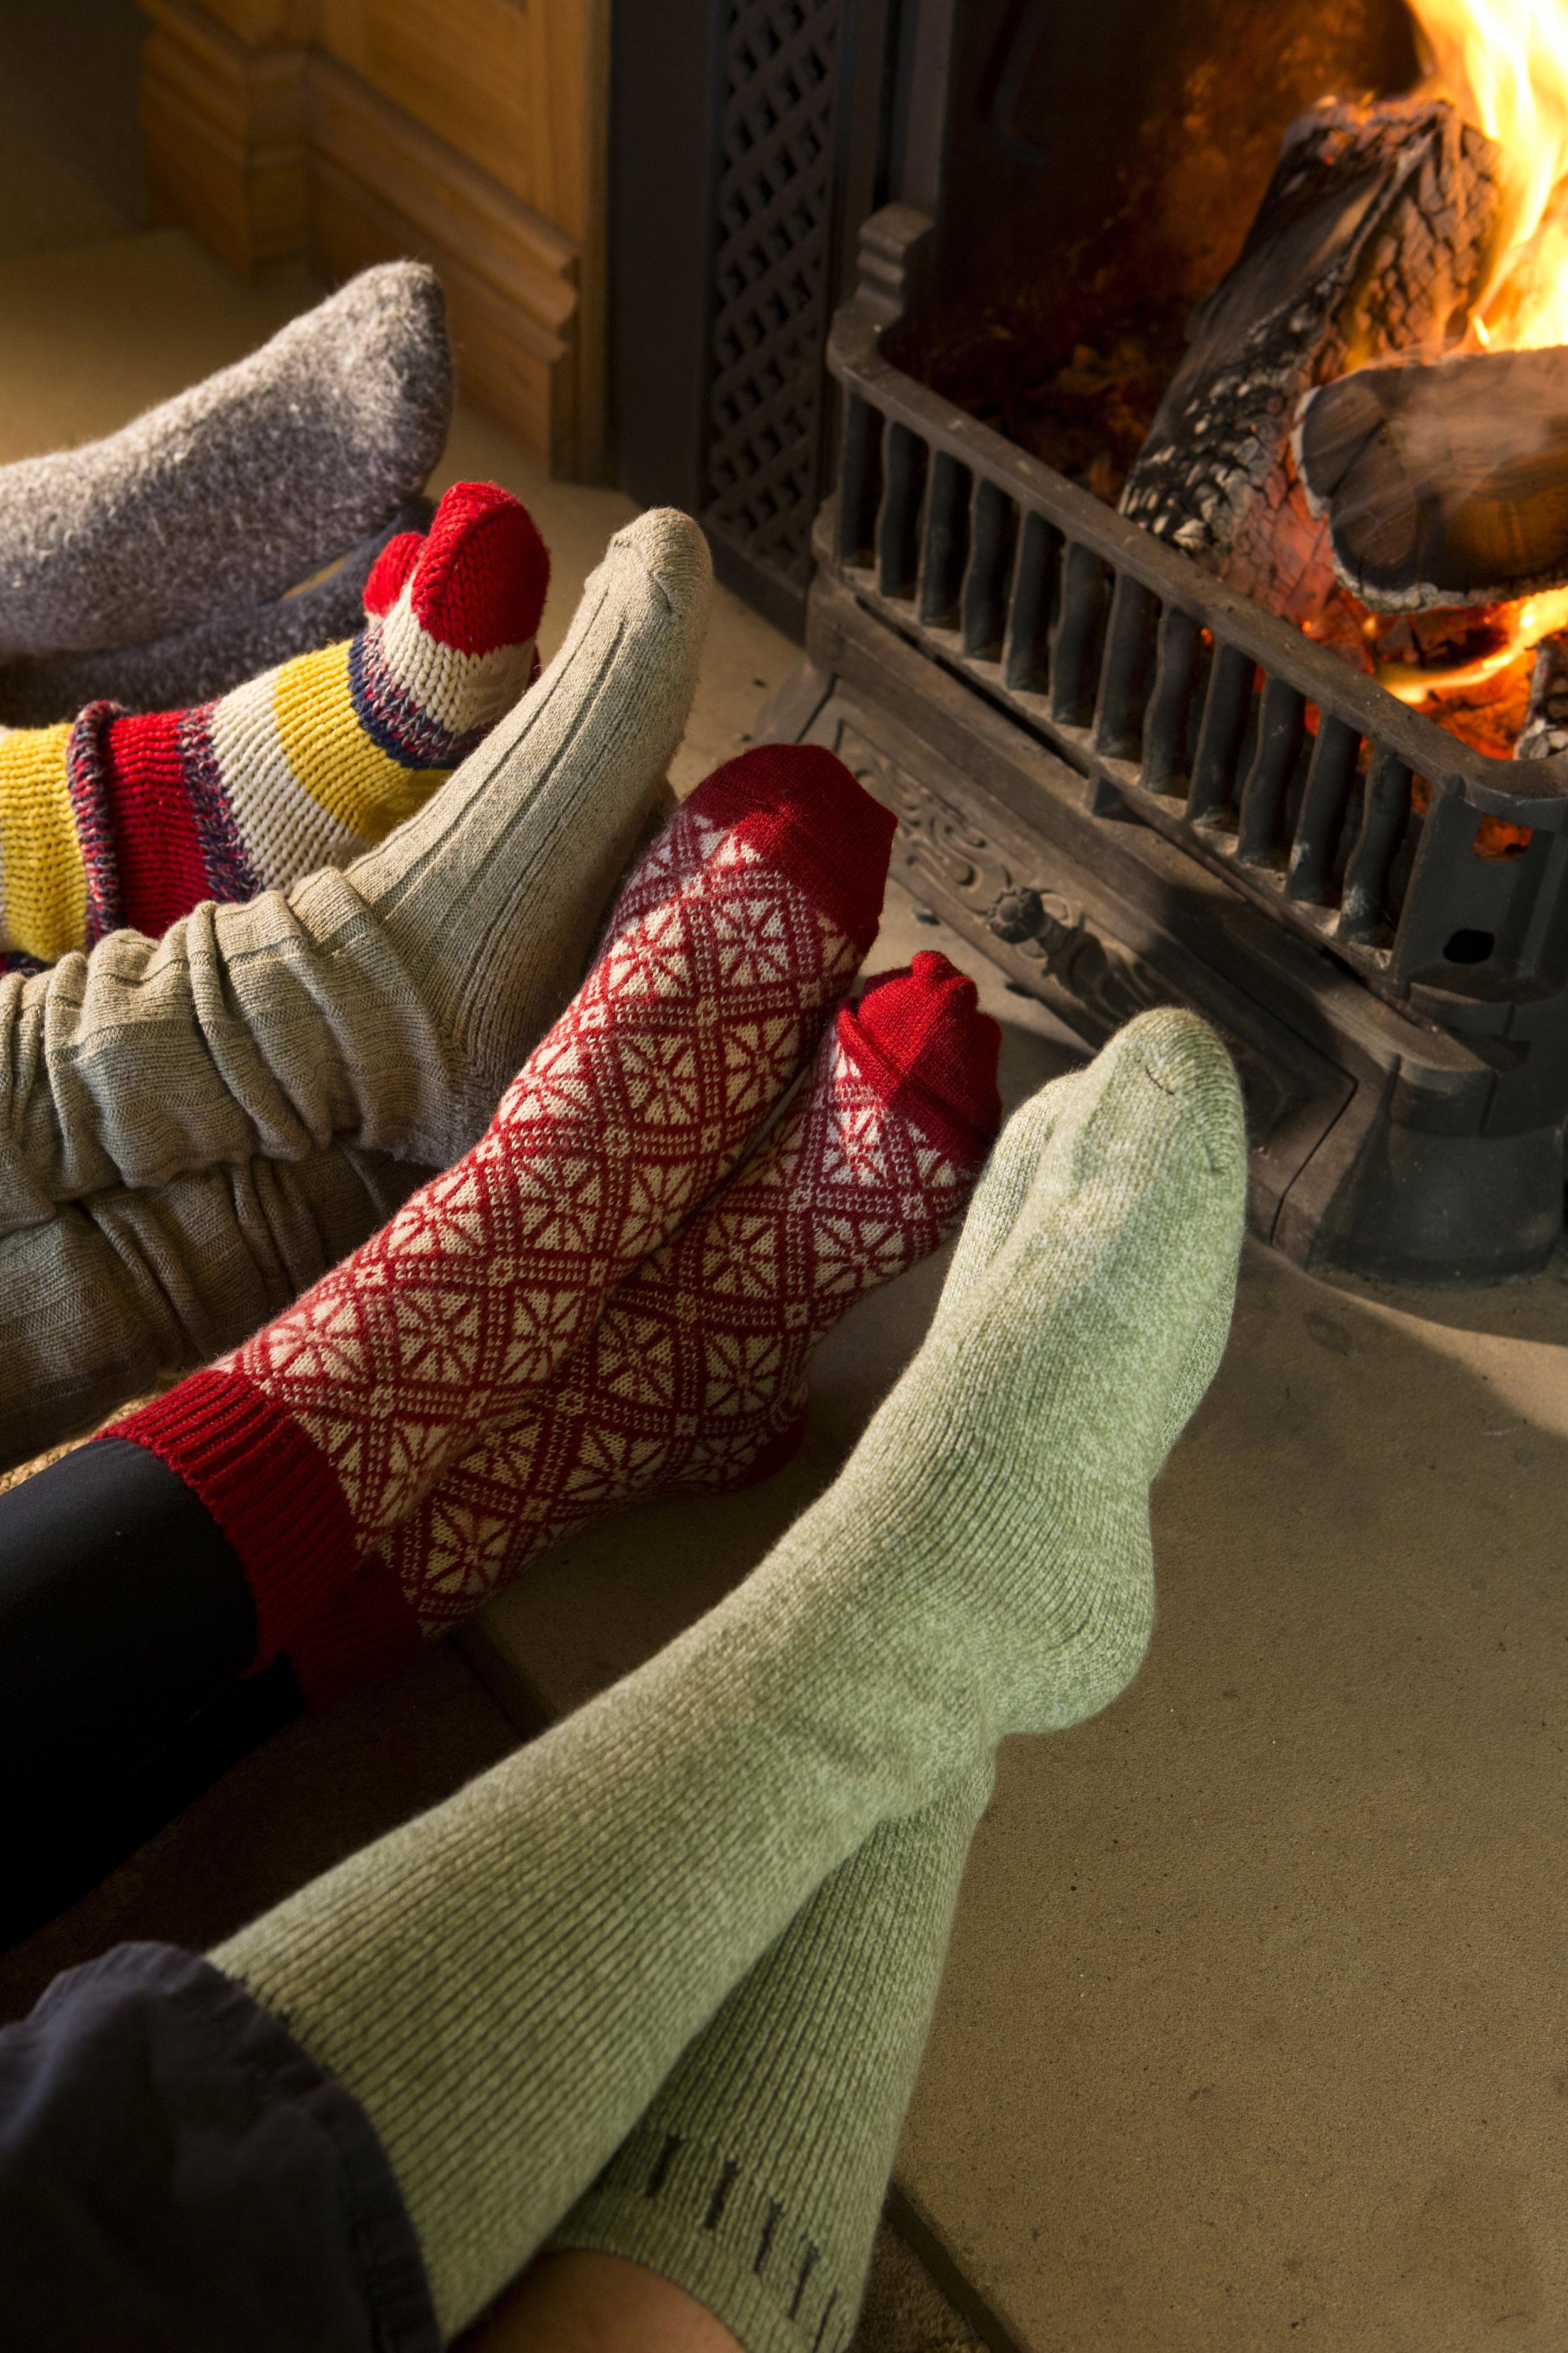 Socks-next-to-fire.jpeg